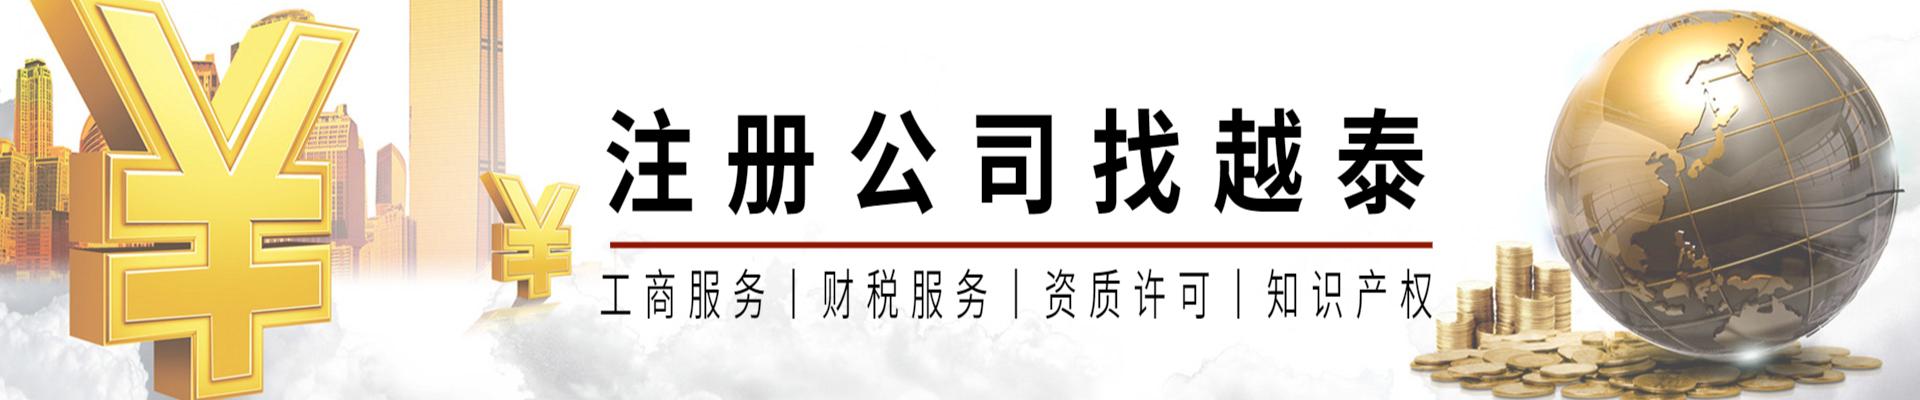 杭州越泰财务咨询nba山猫直播在线观看公司介绍